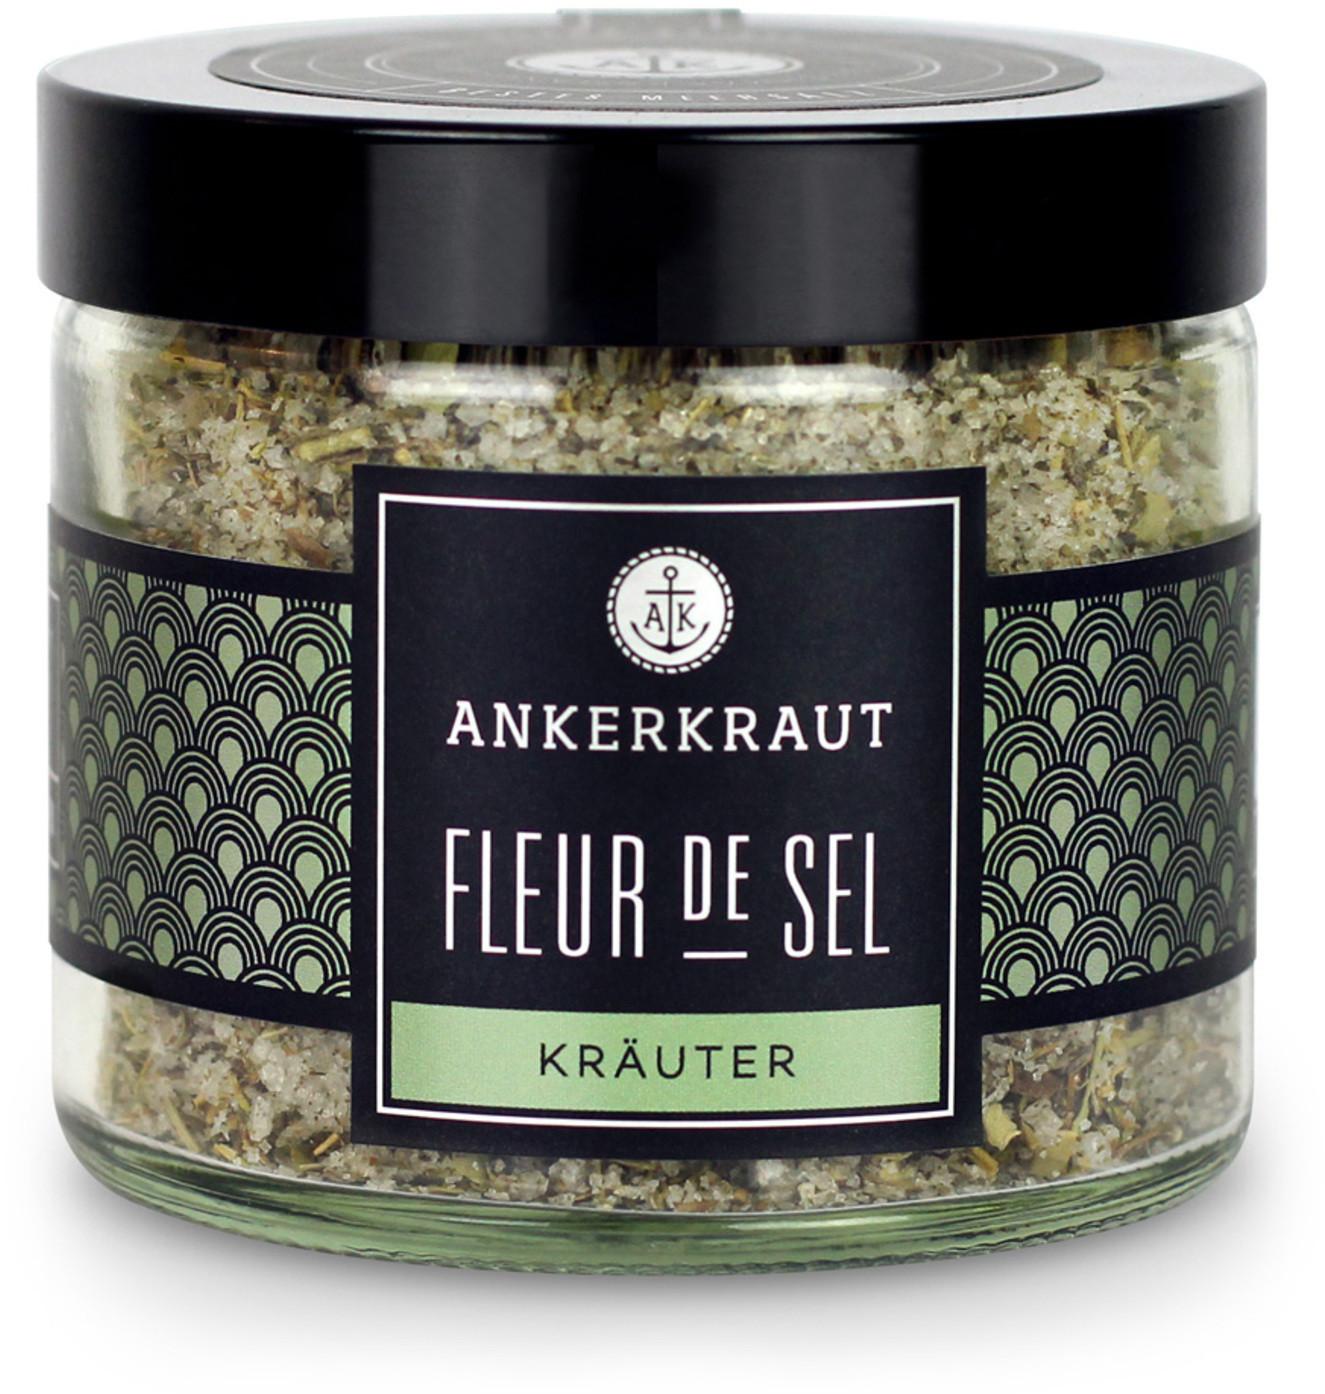 Ankerkraut Fleur de Sel Kräuter (135g)